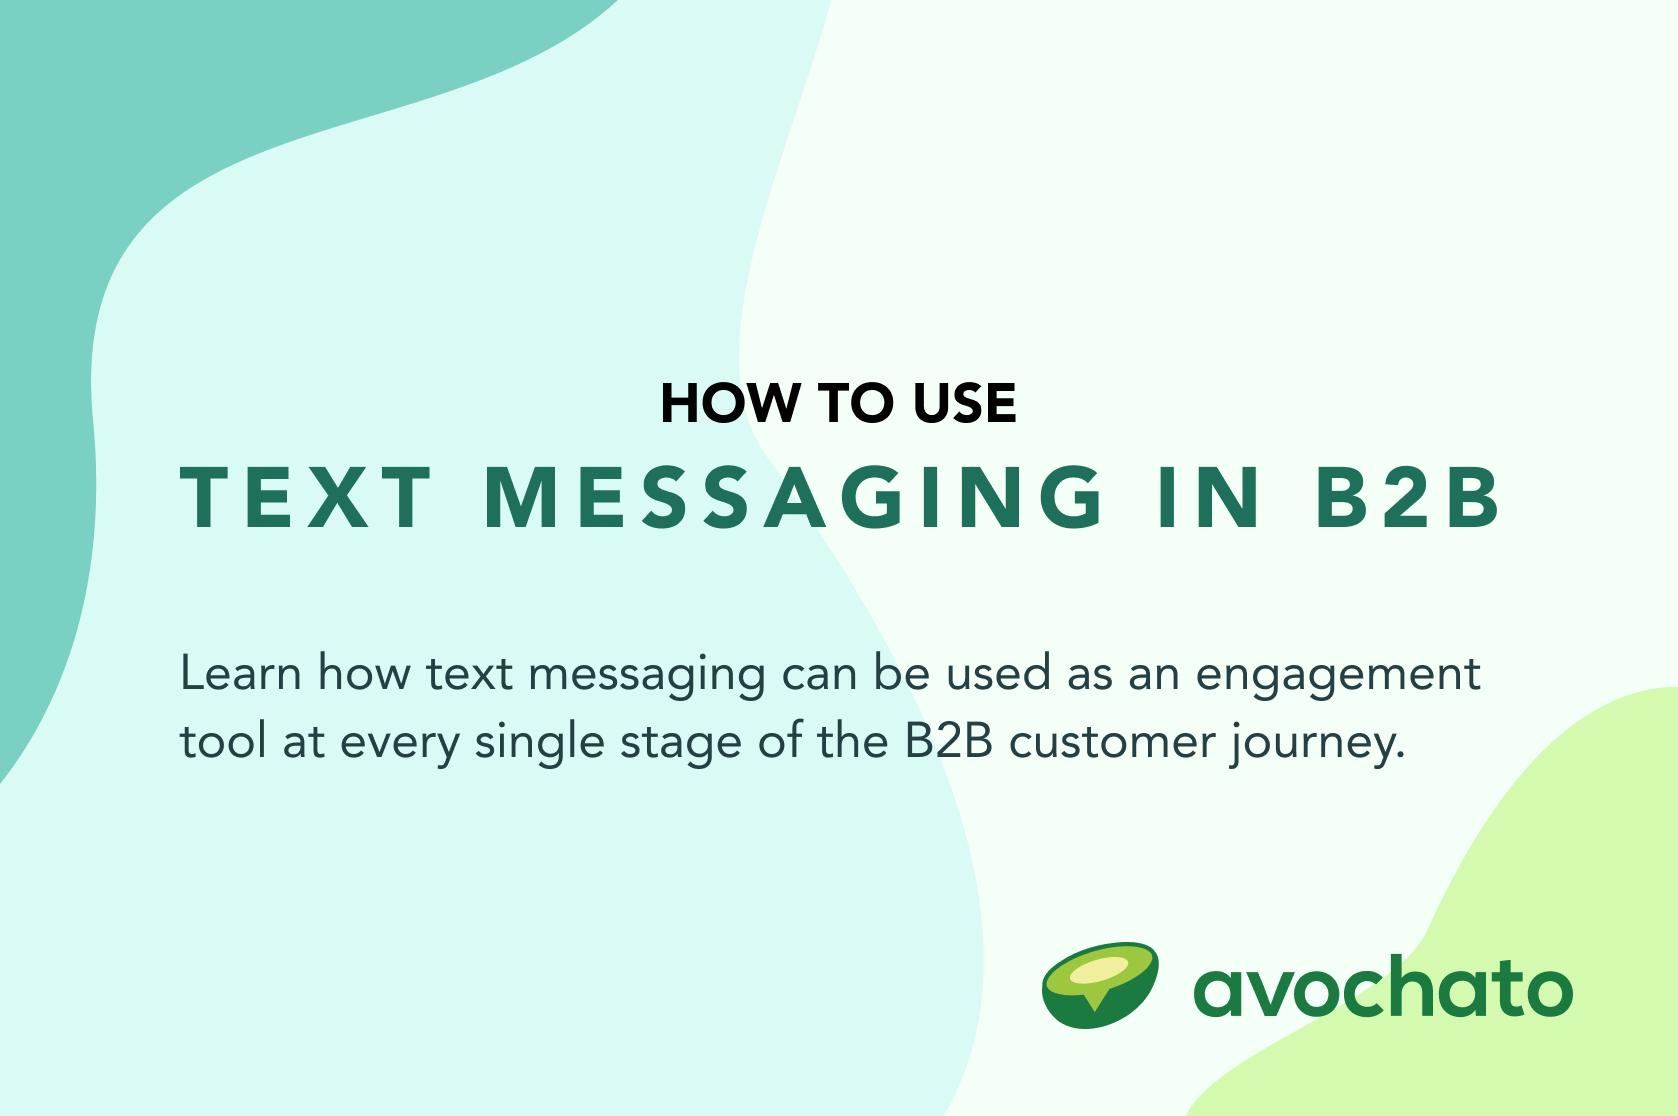 sms in b2b